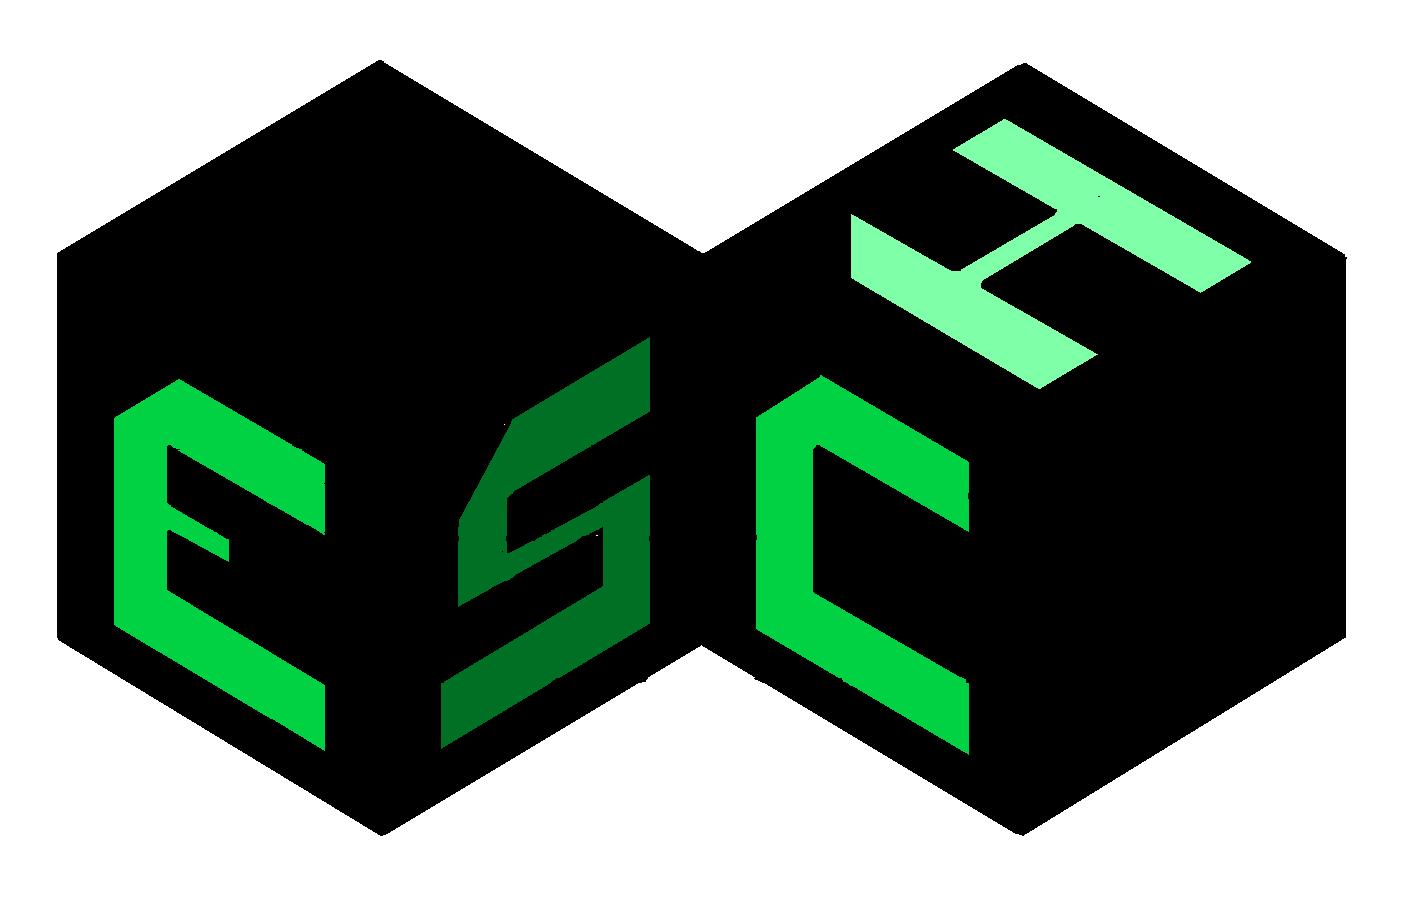 escher_b